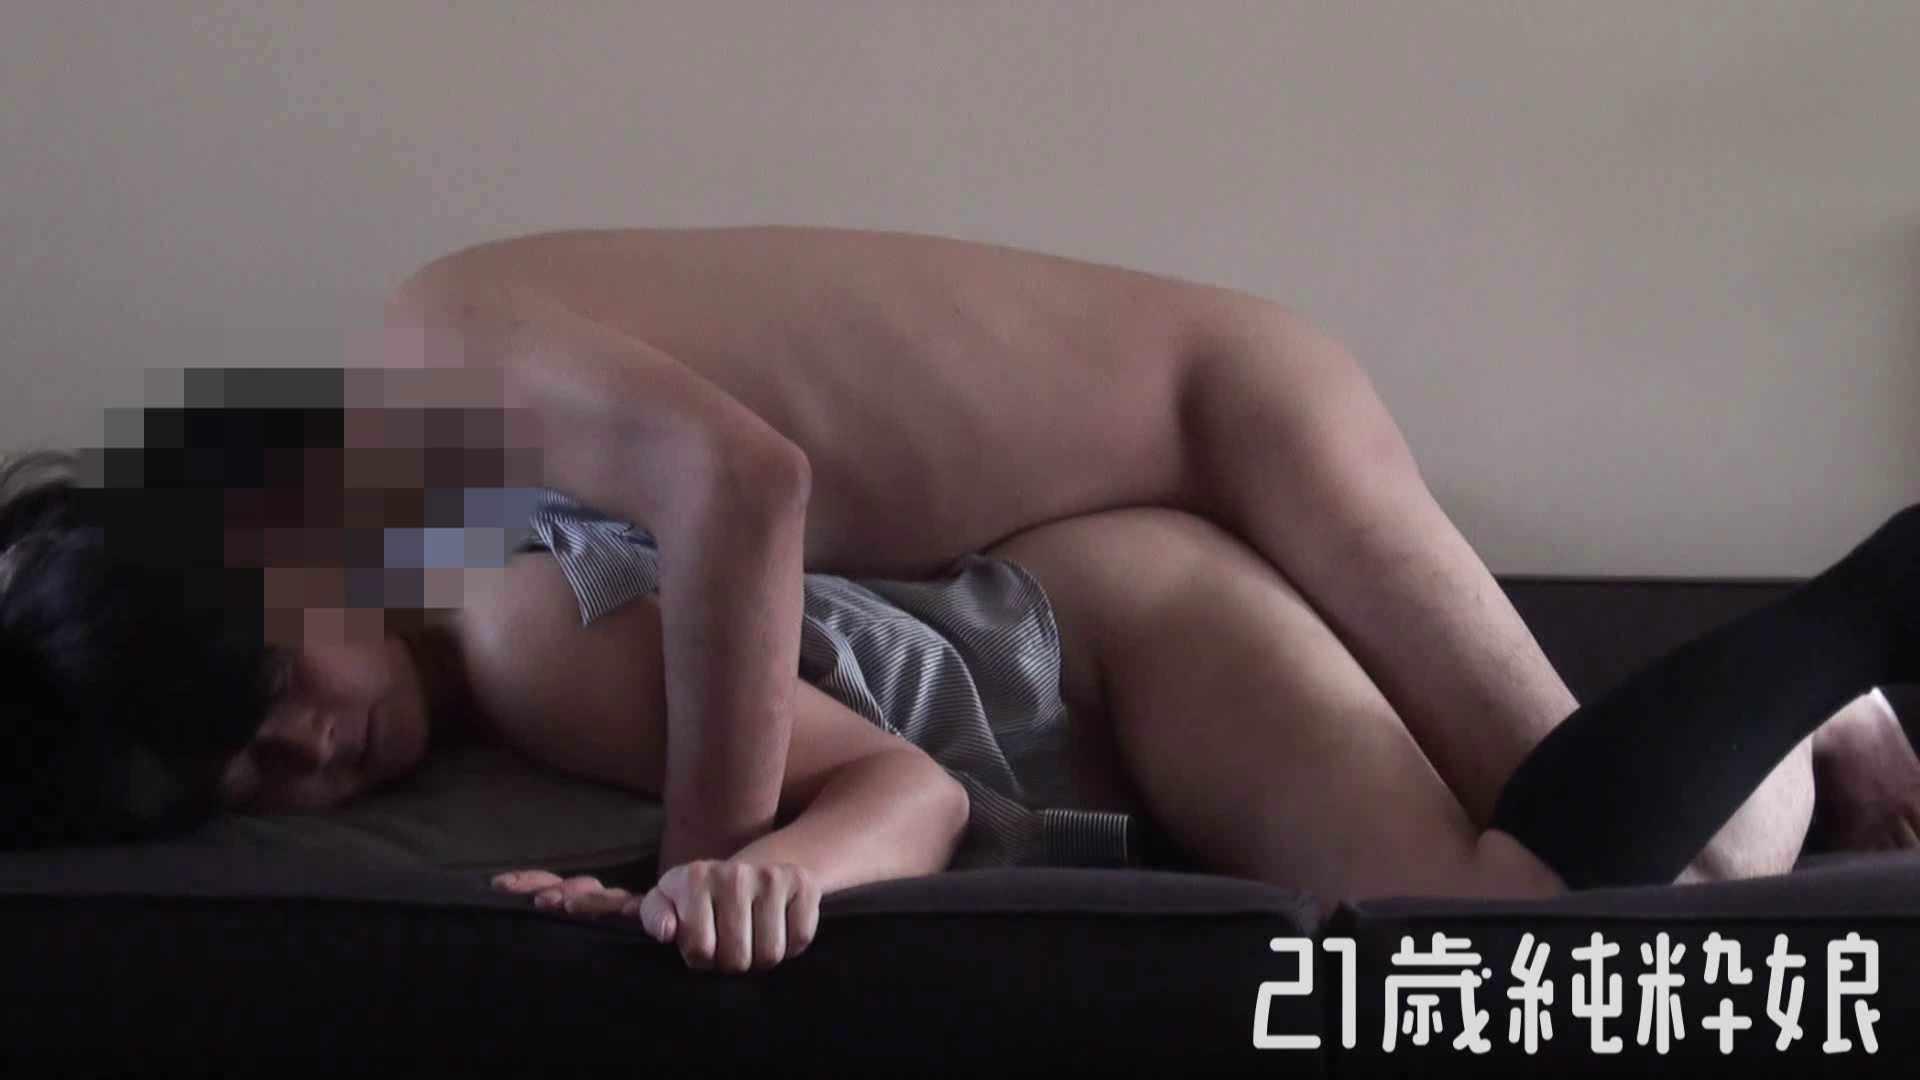 上京したばかりのGカップ21歳純粋嬢を都合の良い女にしてみた3 オナニー | フェラ  48pic 25